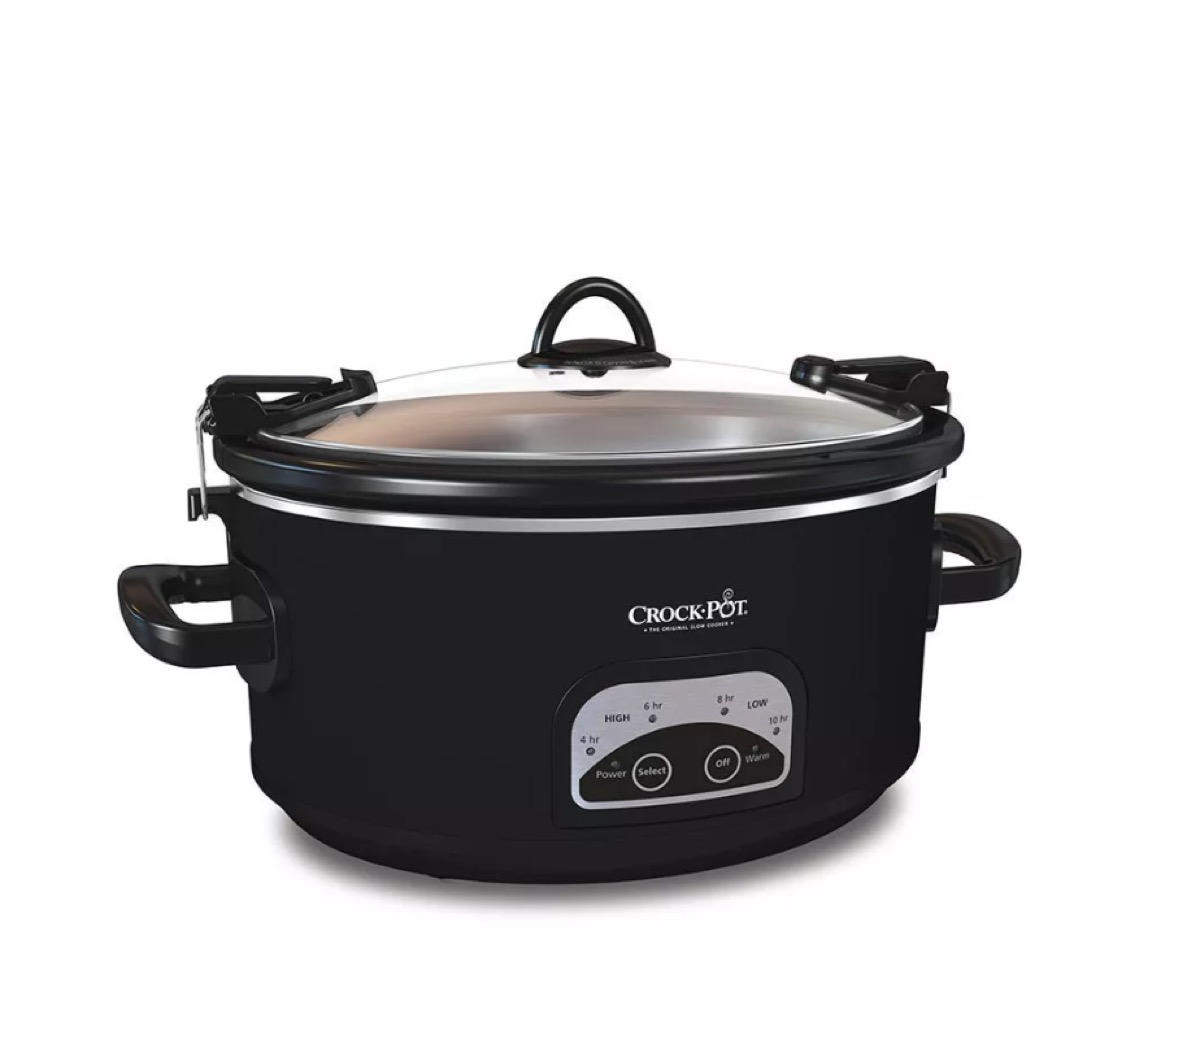 black crockpot slow cooker